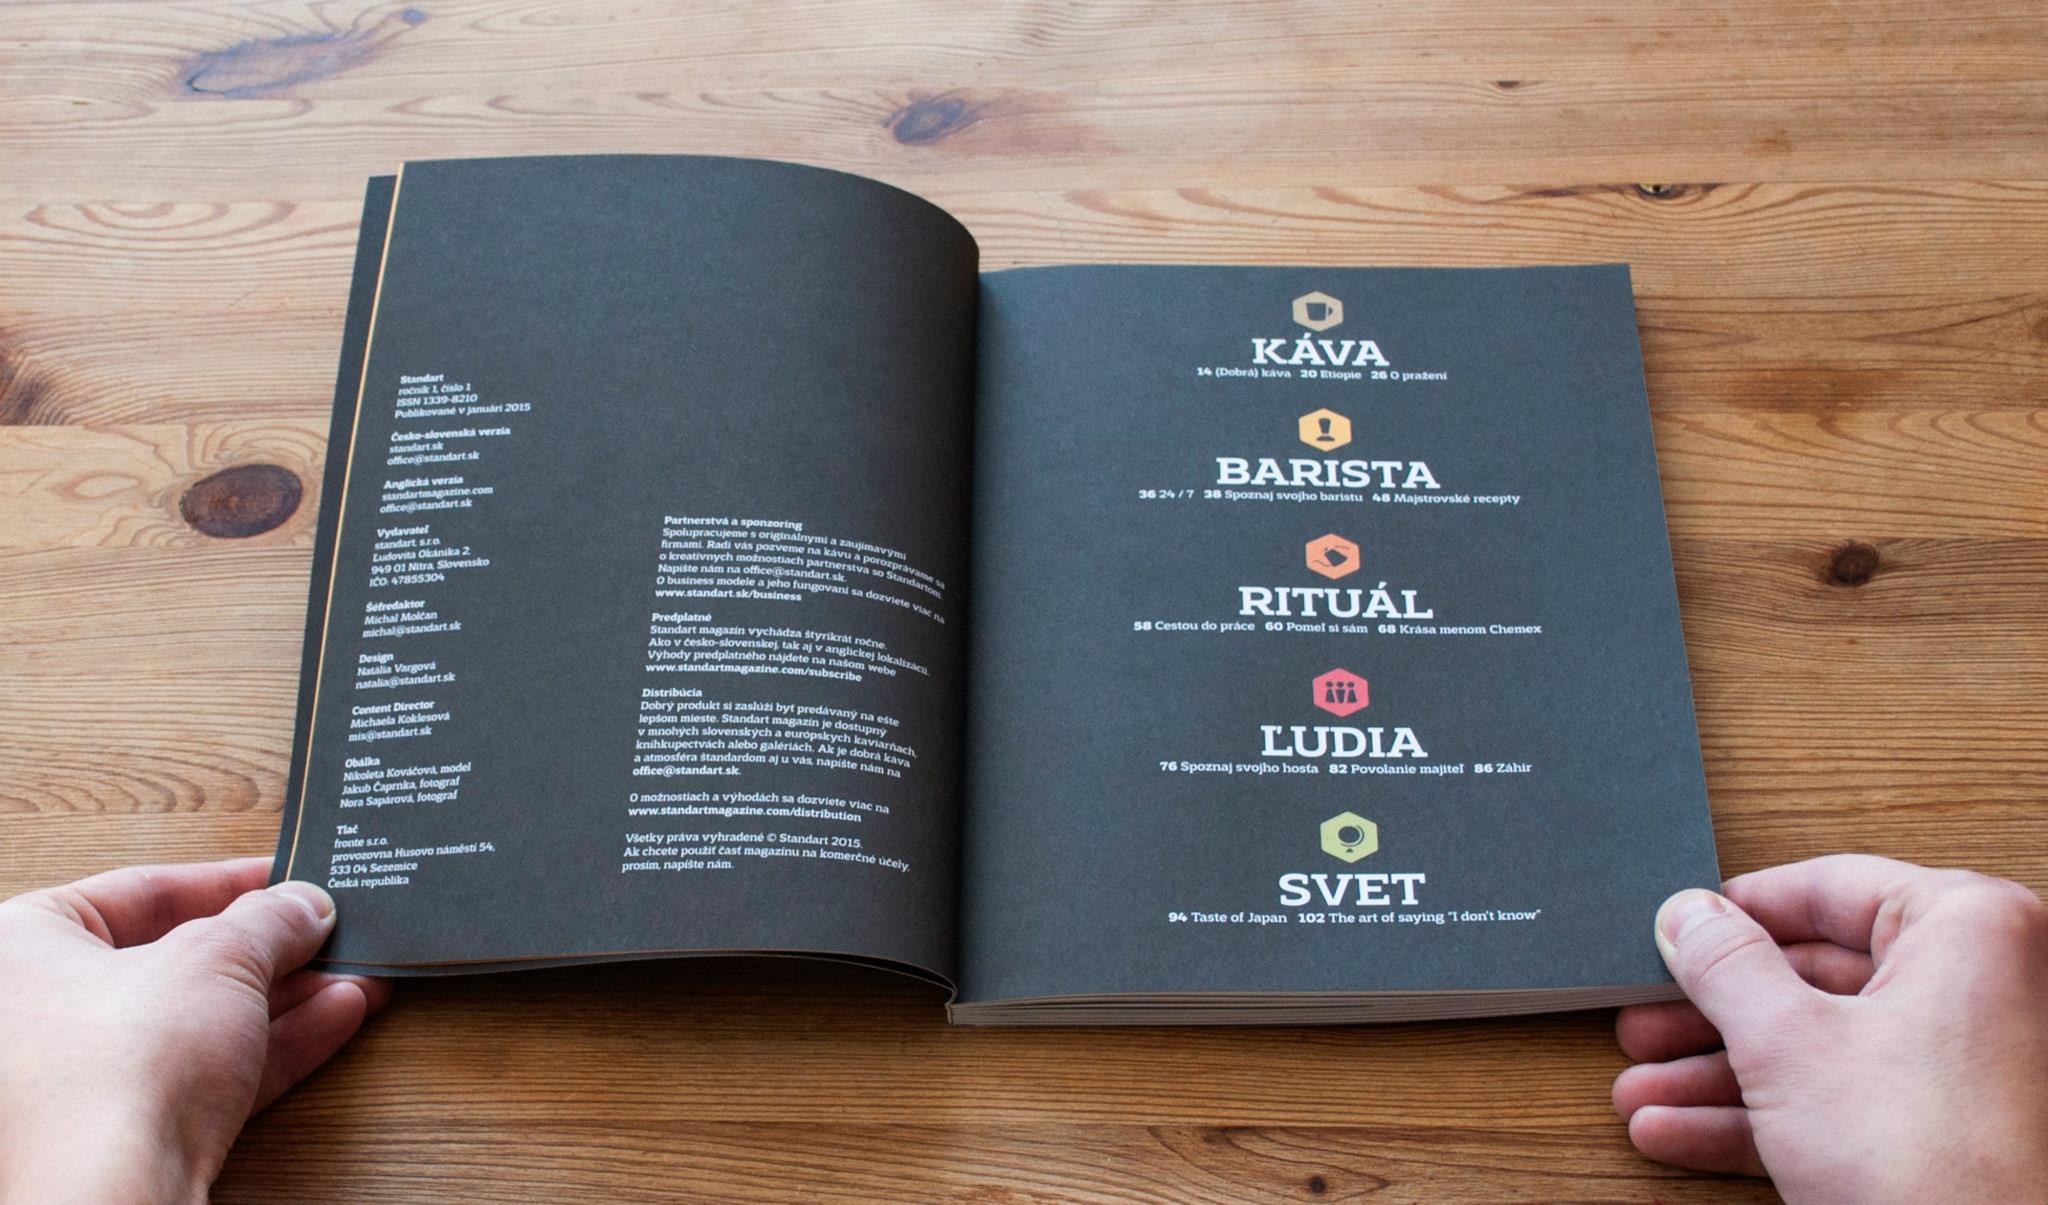 le immagini si riferiscono all'uscita in lingua ceca/slovacca ma il magazine è disponibile anche in inglese